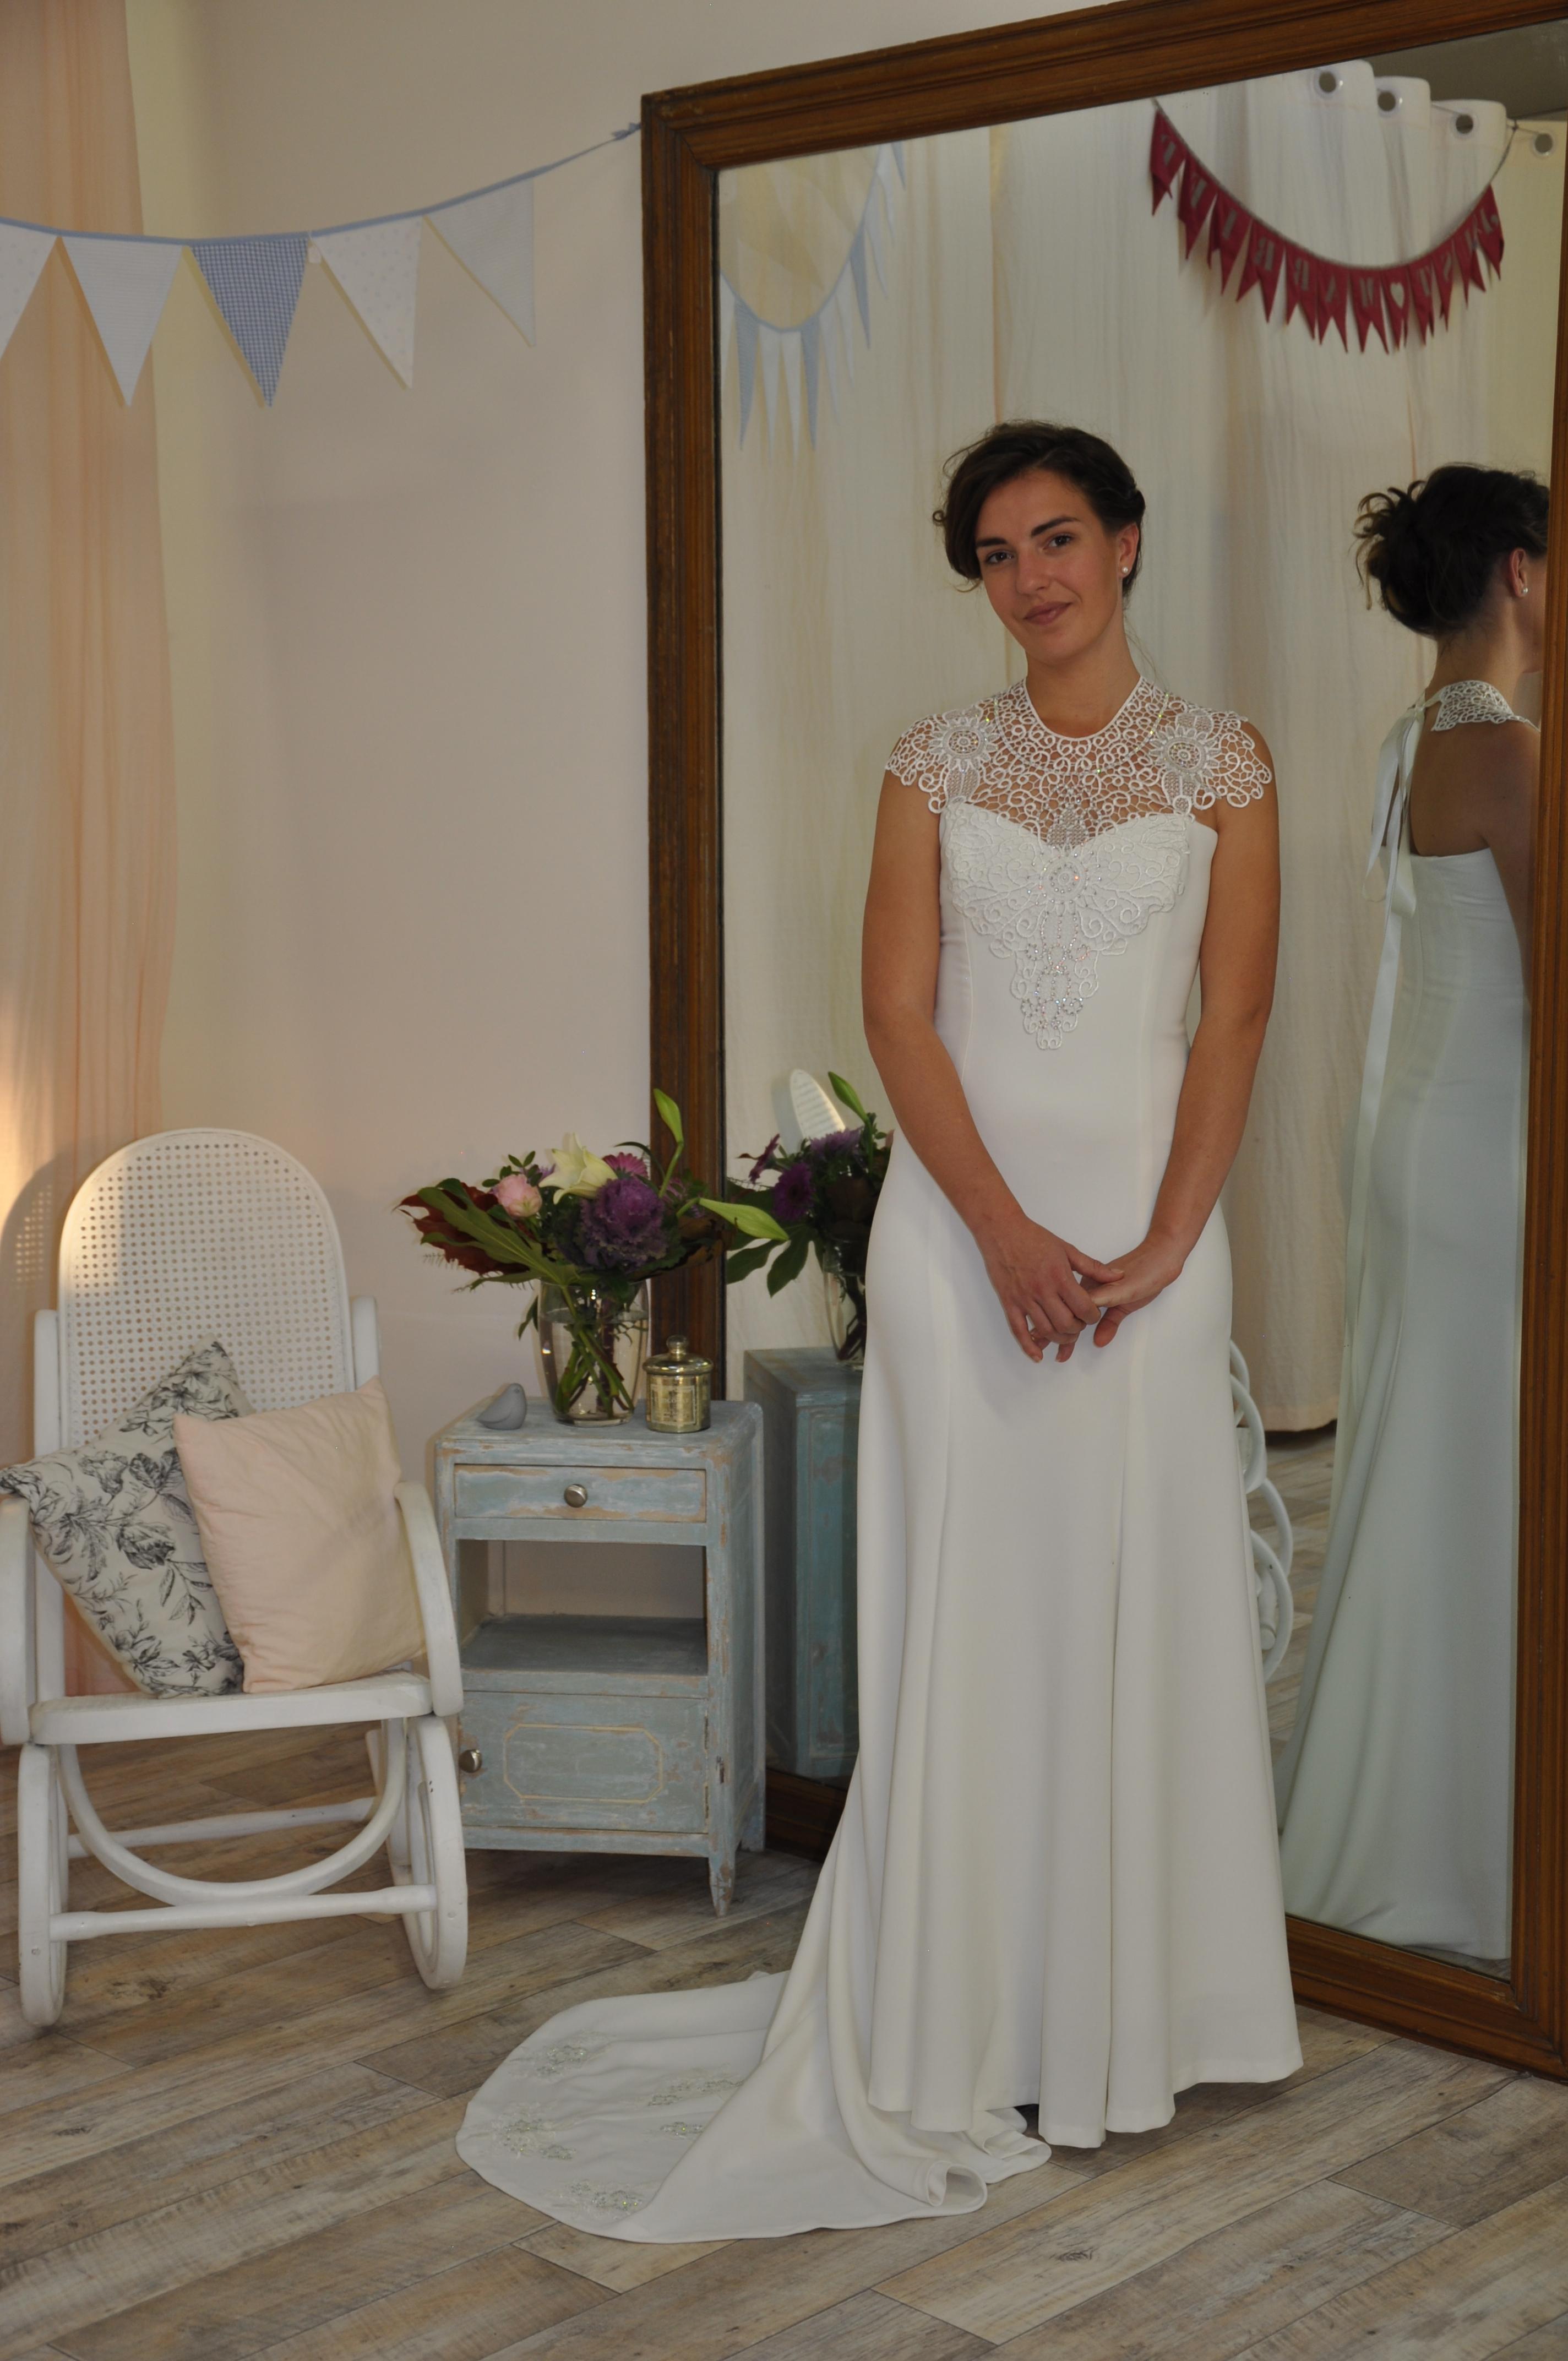 Robe de mariée à domicile - MADELEINE - robe sirène - Cholet - Boutique de mariage Cholet, location, vente, robe de mariée pas cher